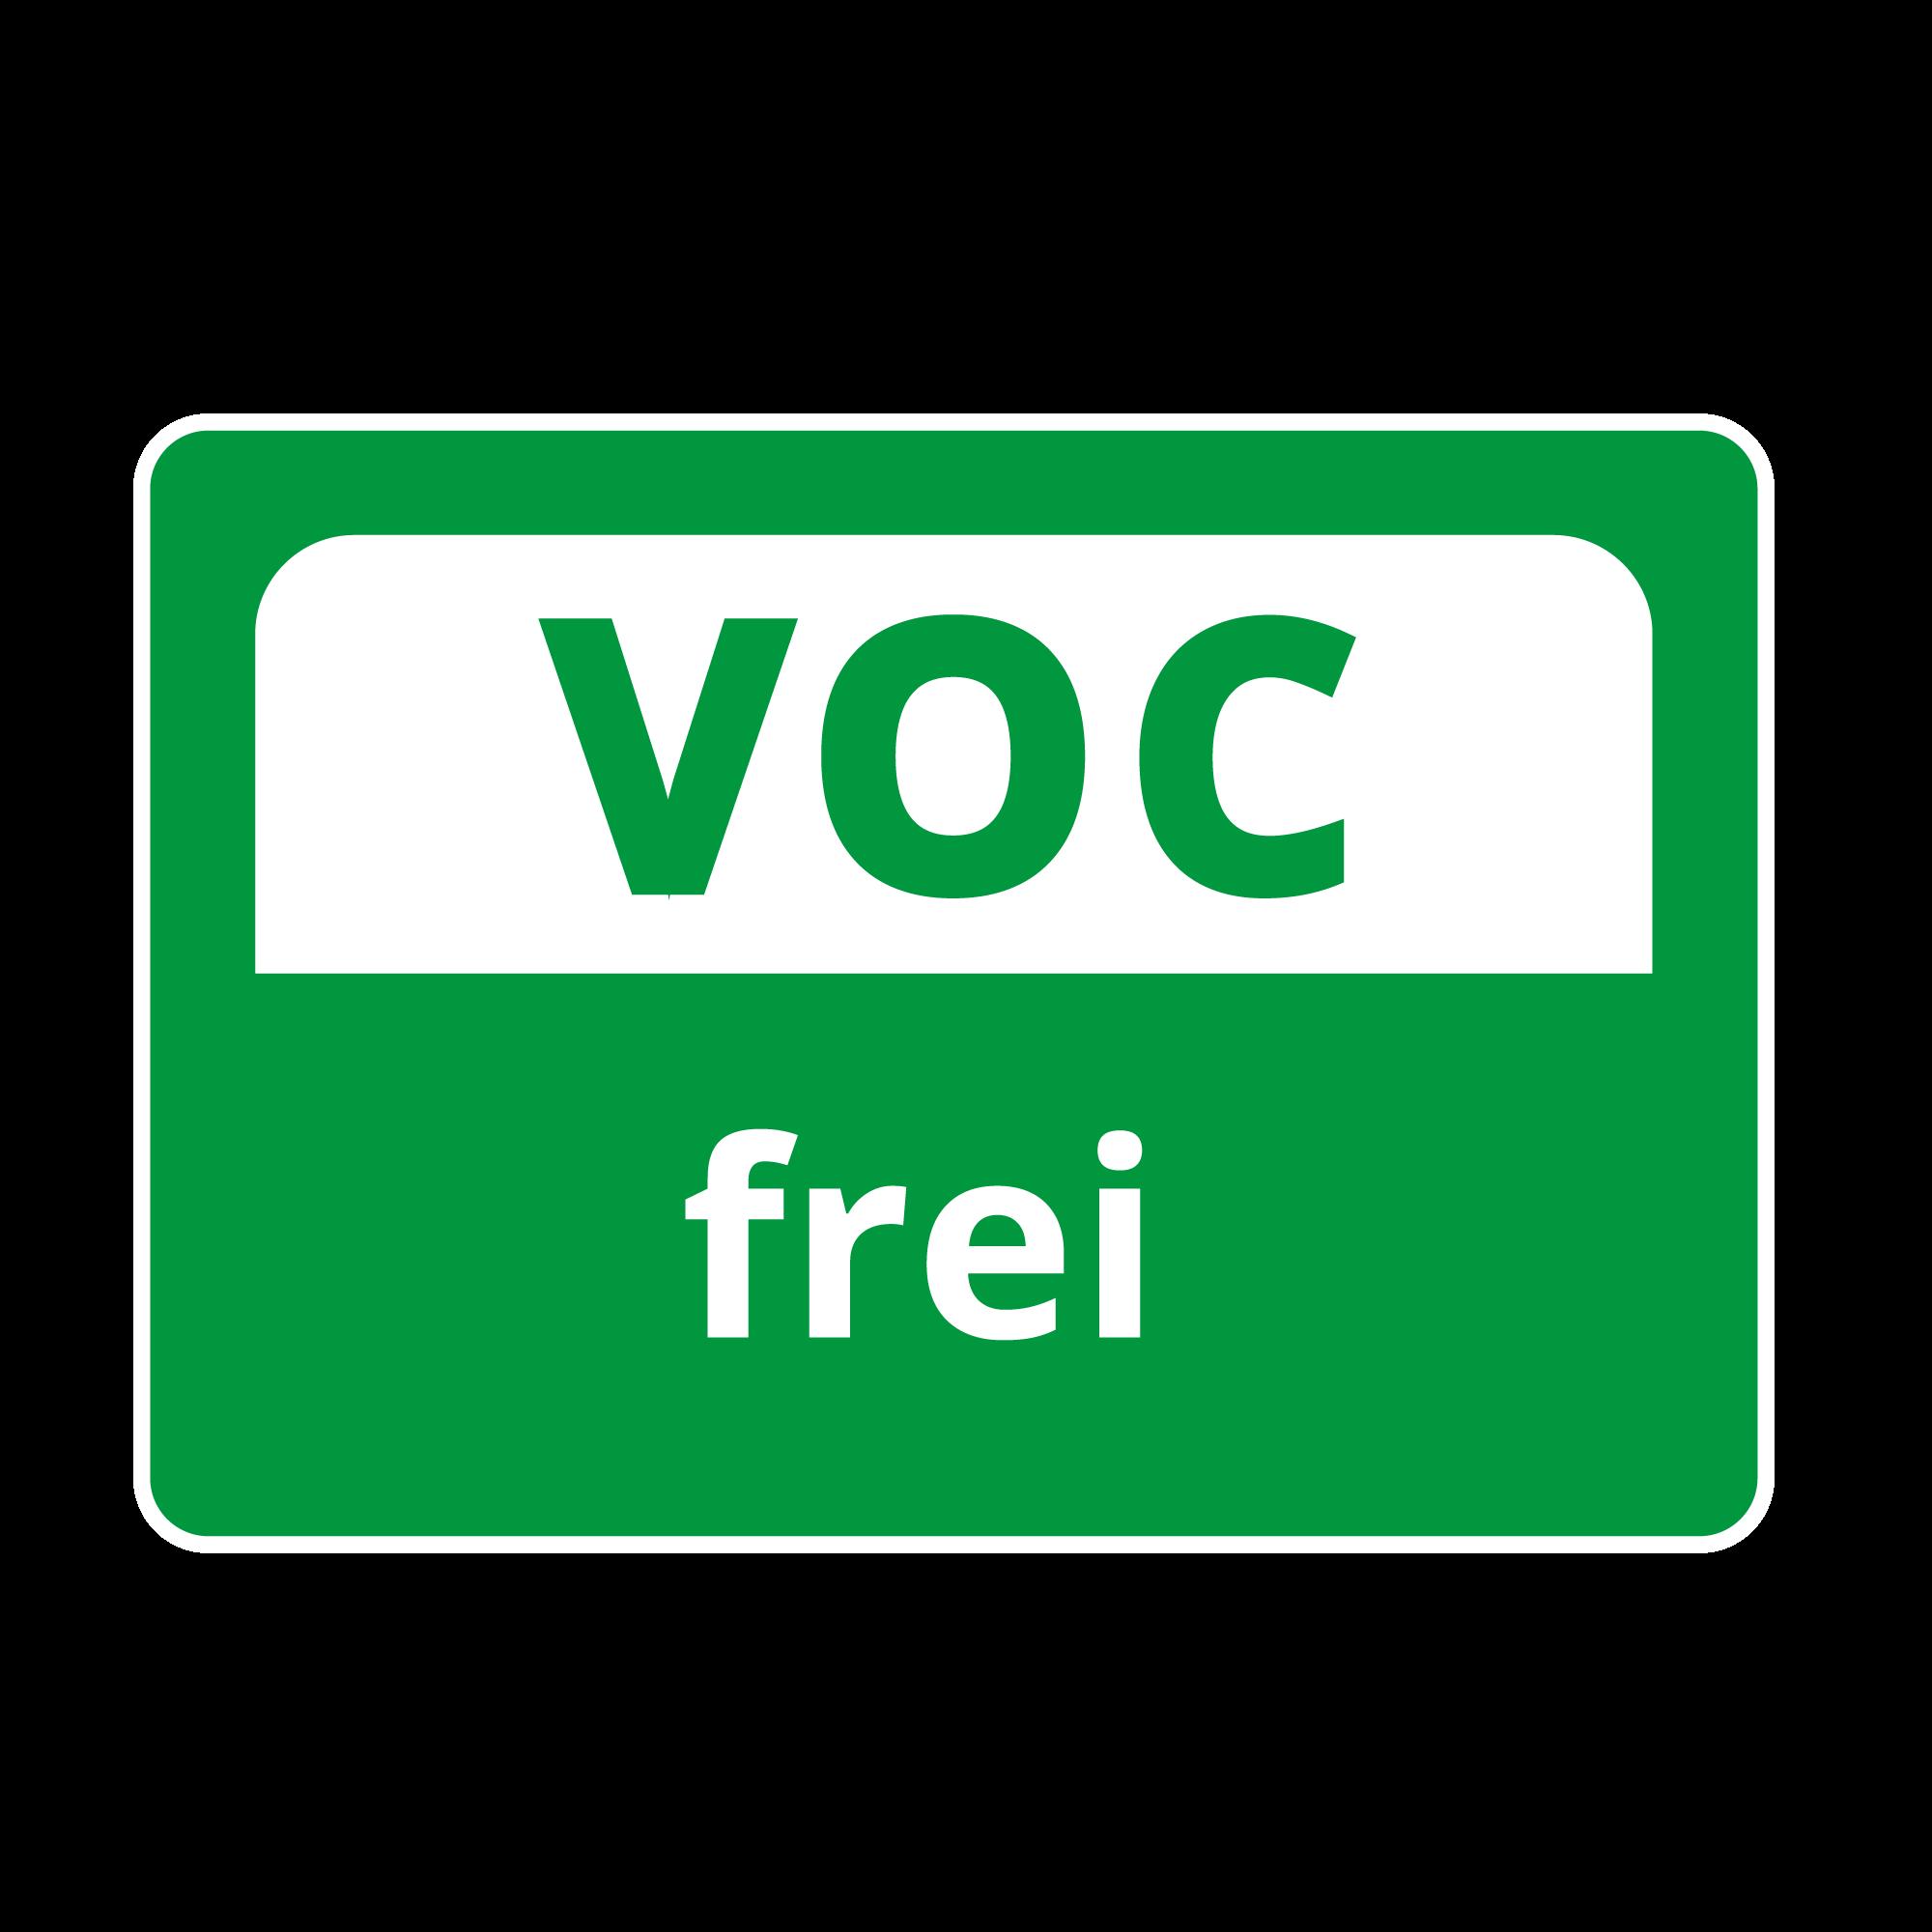 VOC frei!